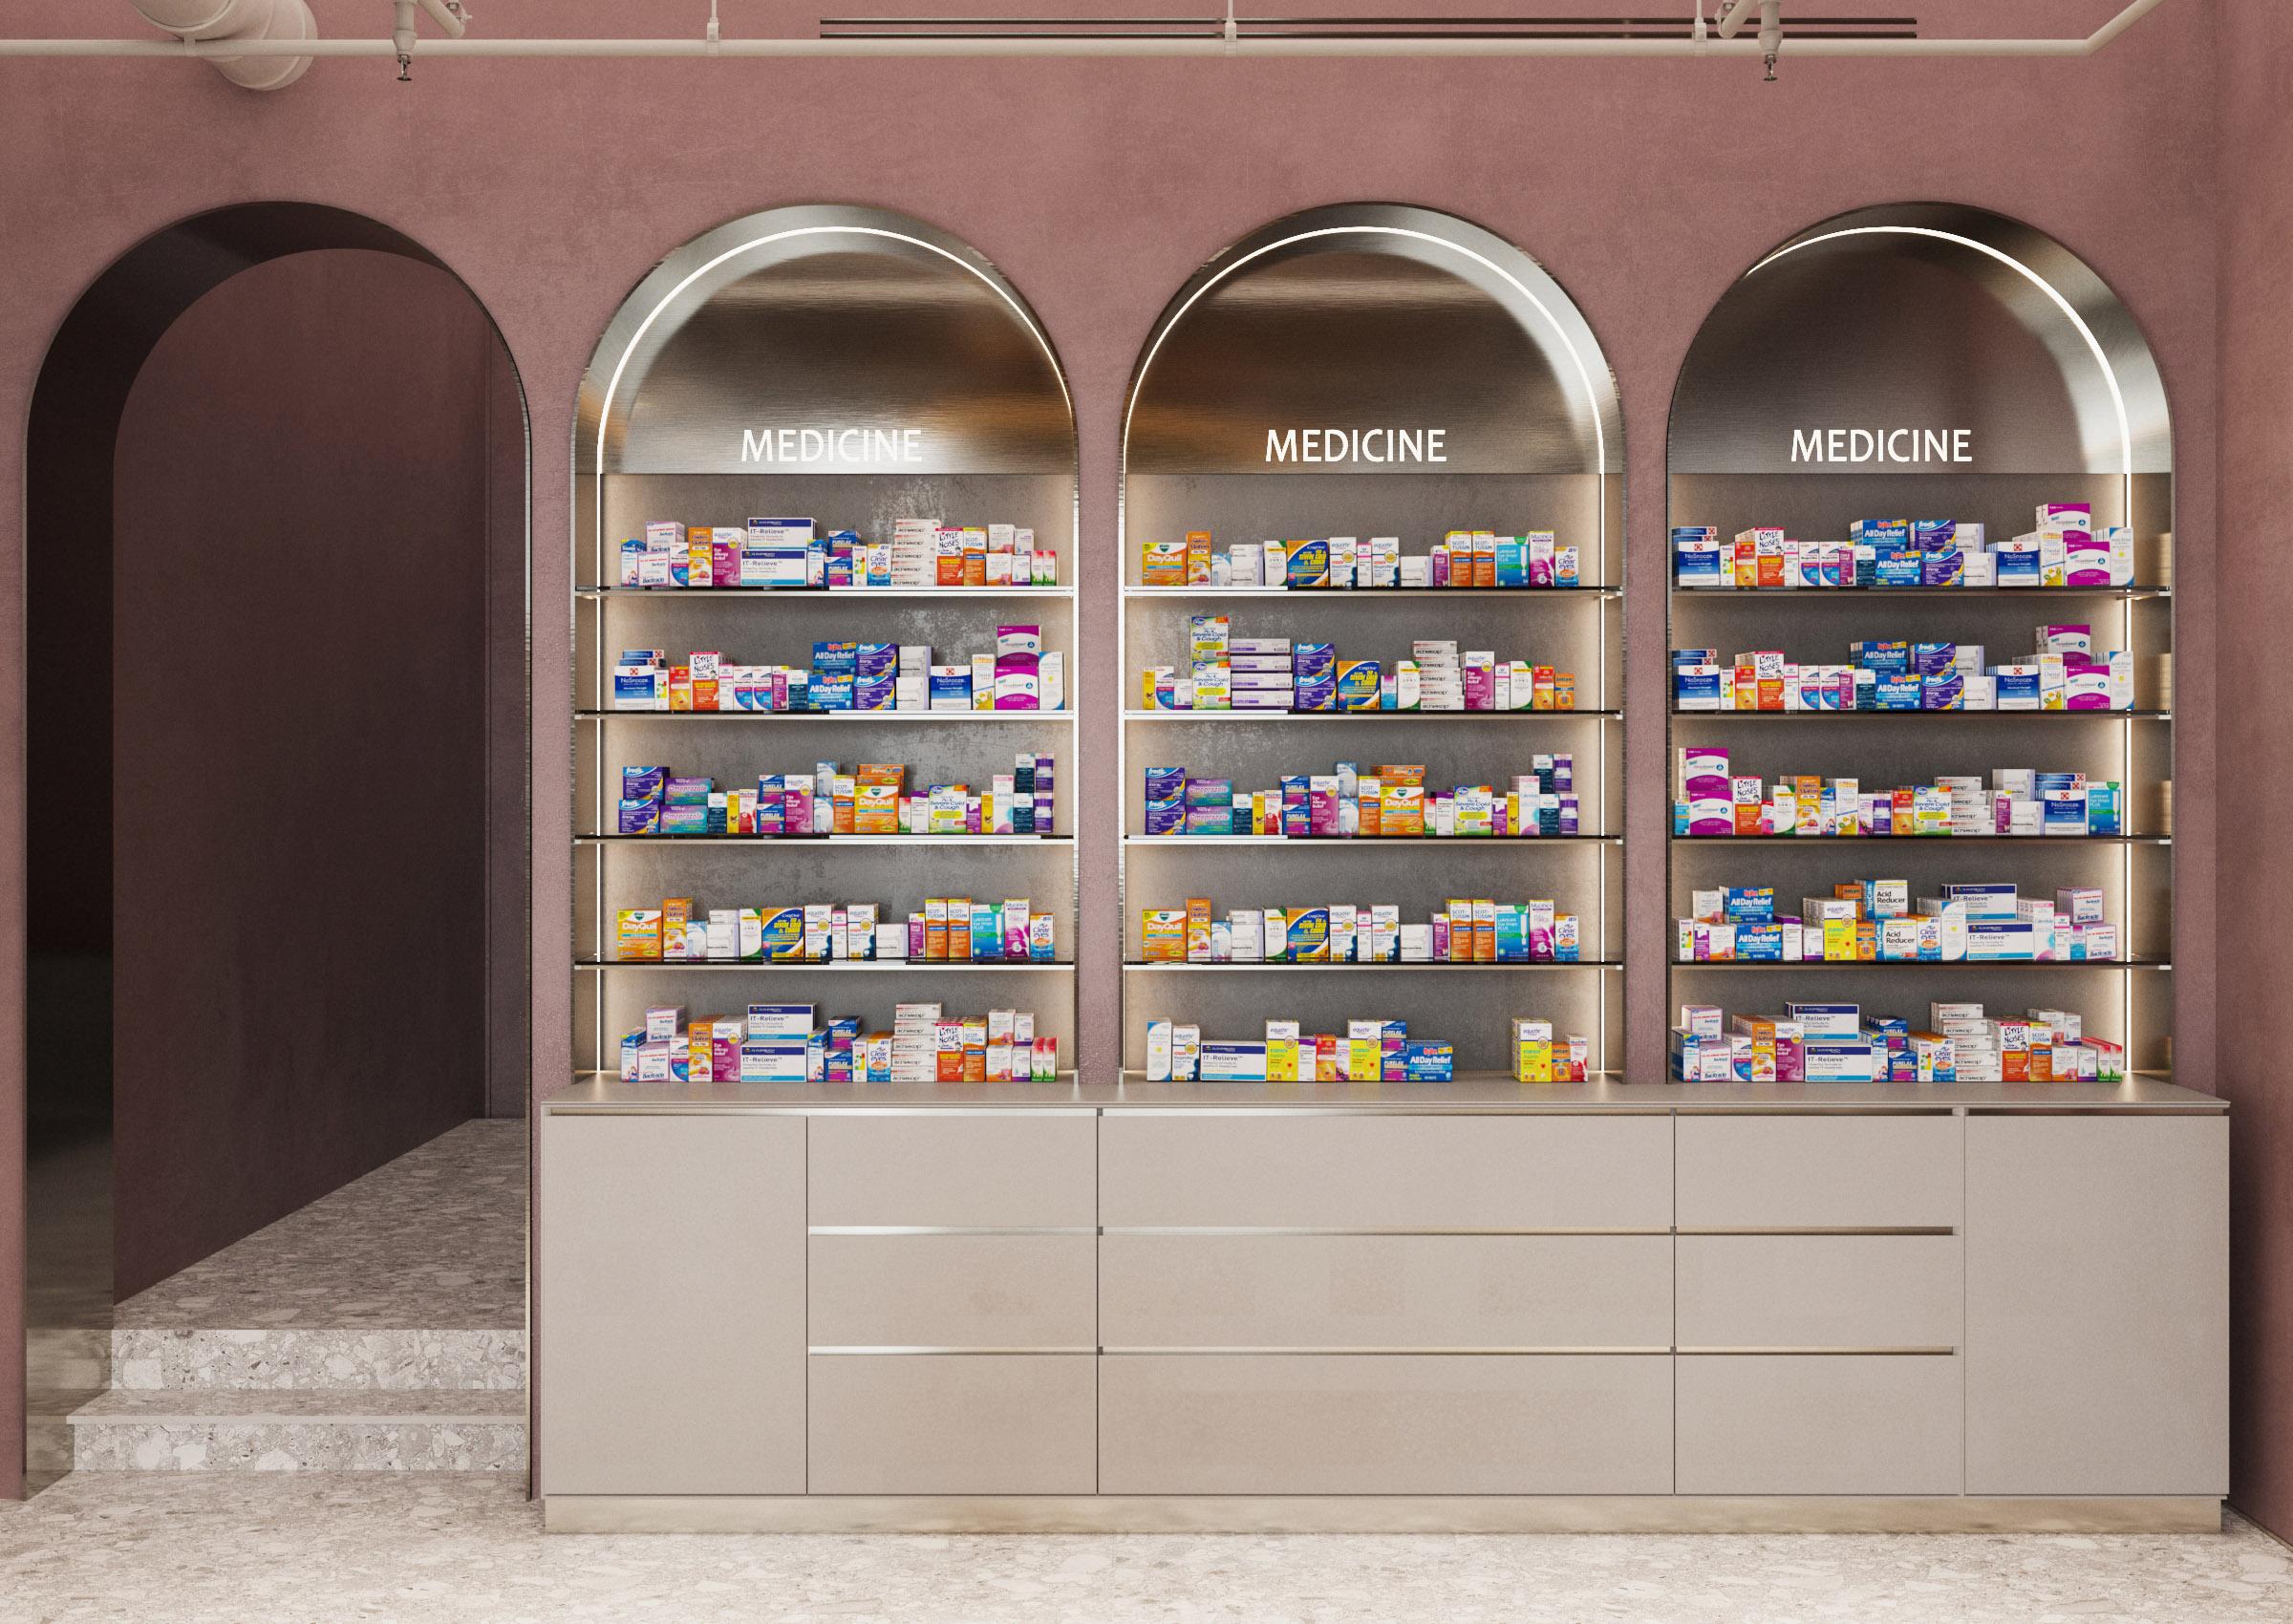 Biroul de arhitectura si design interior ab+partners, designul unei farmacii – naturalețe elegantă